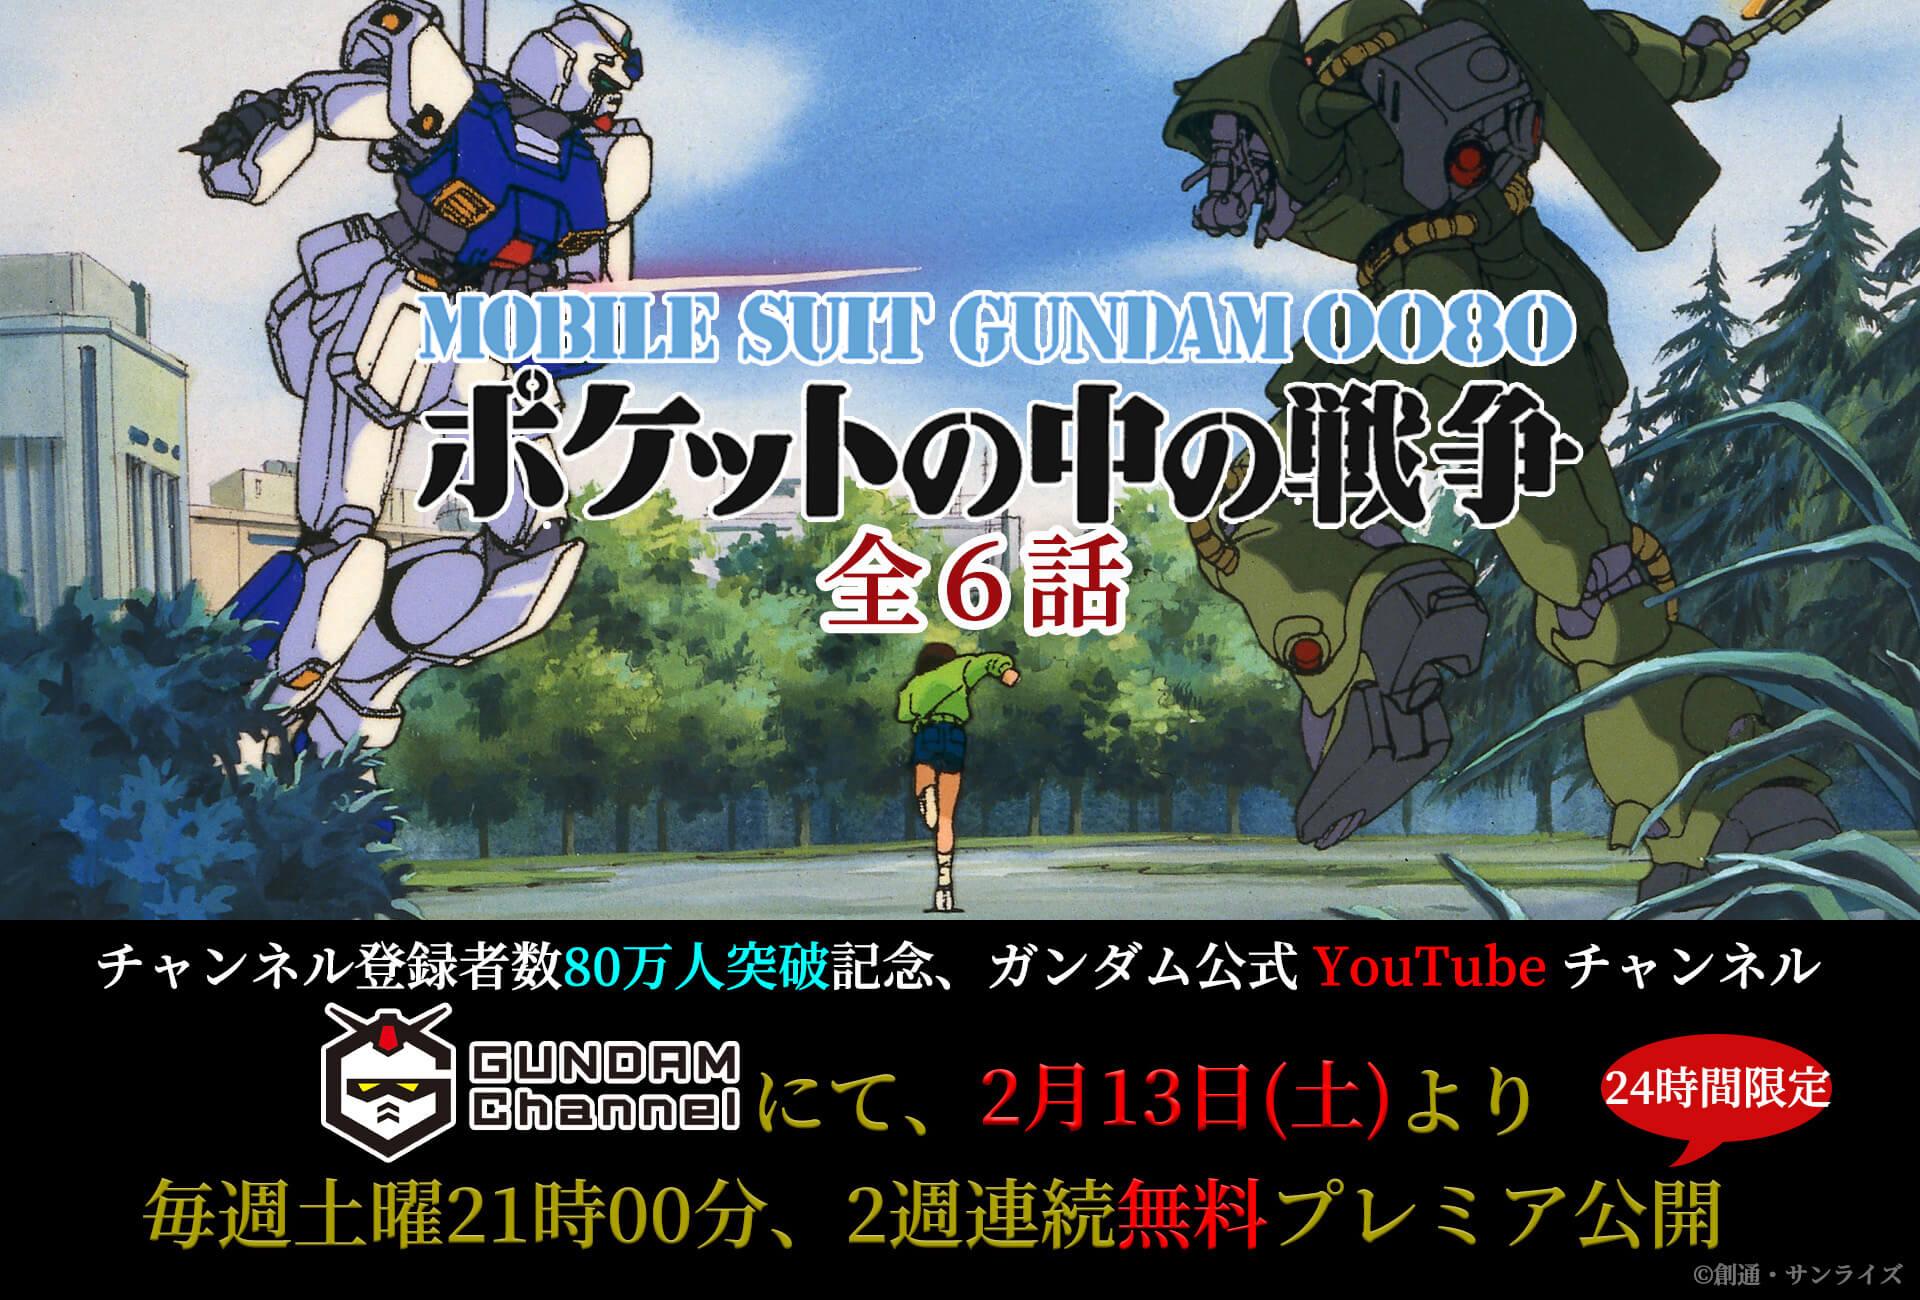 今度は『機動戦士ガンダム0080』が無料プレミア公開決定!ガンダム公式YouTubeチャンネル登録者80万人突破 art210212_gundam0080_1